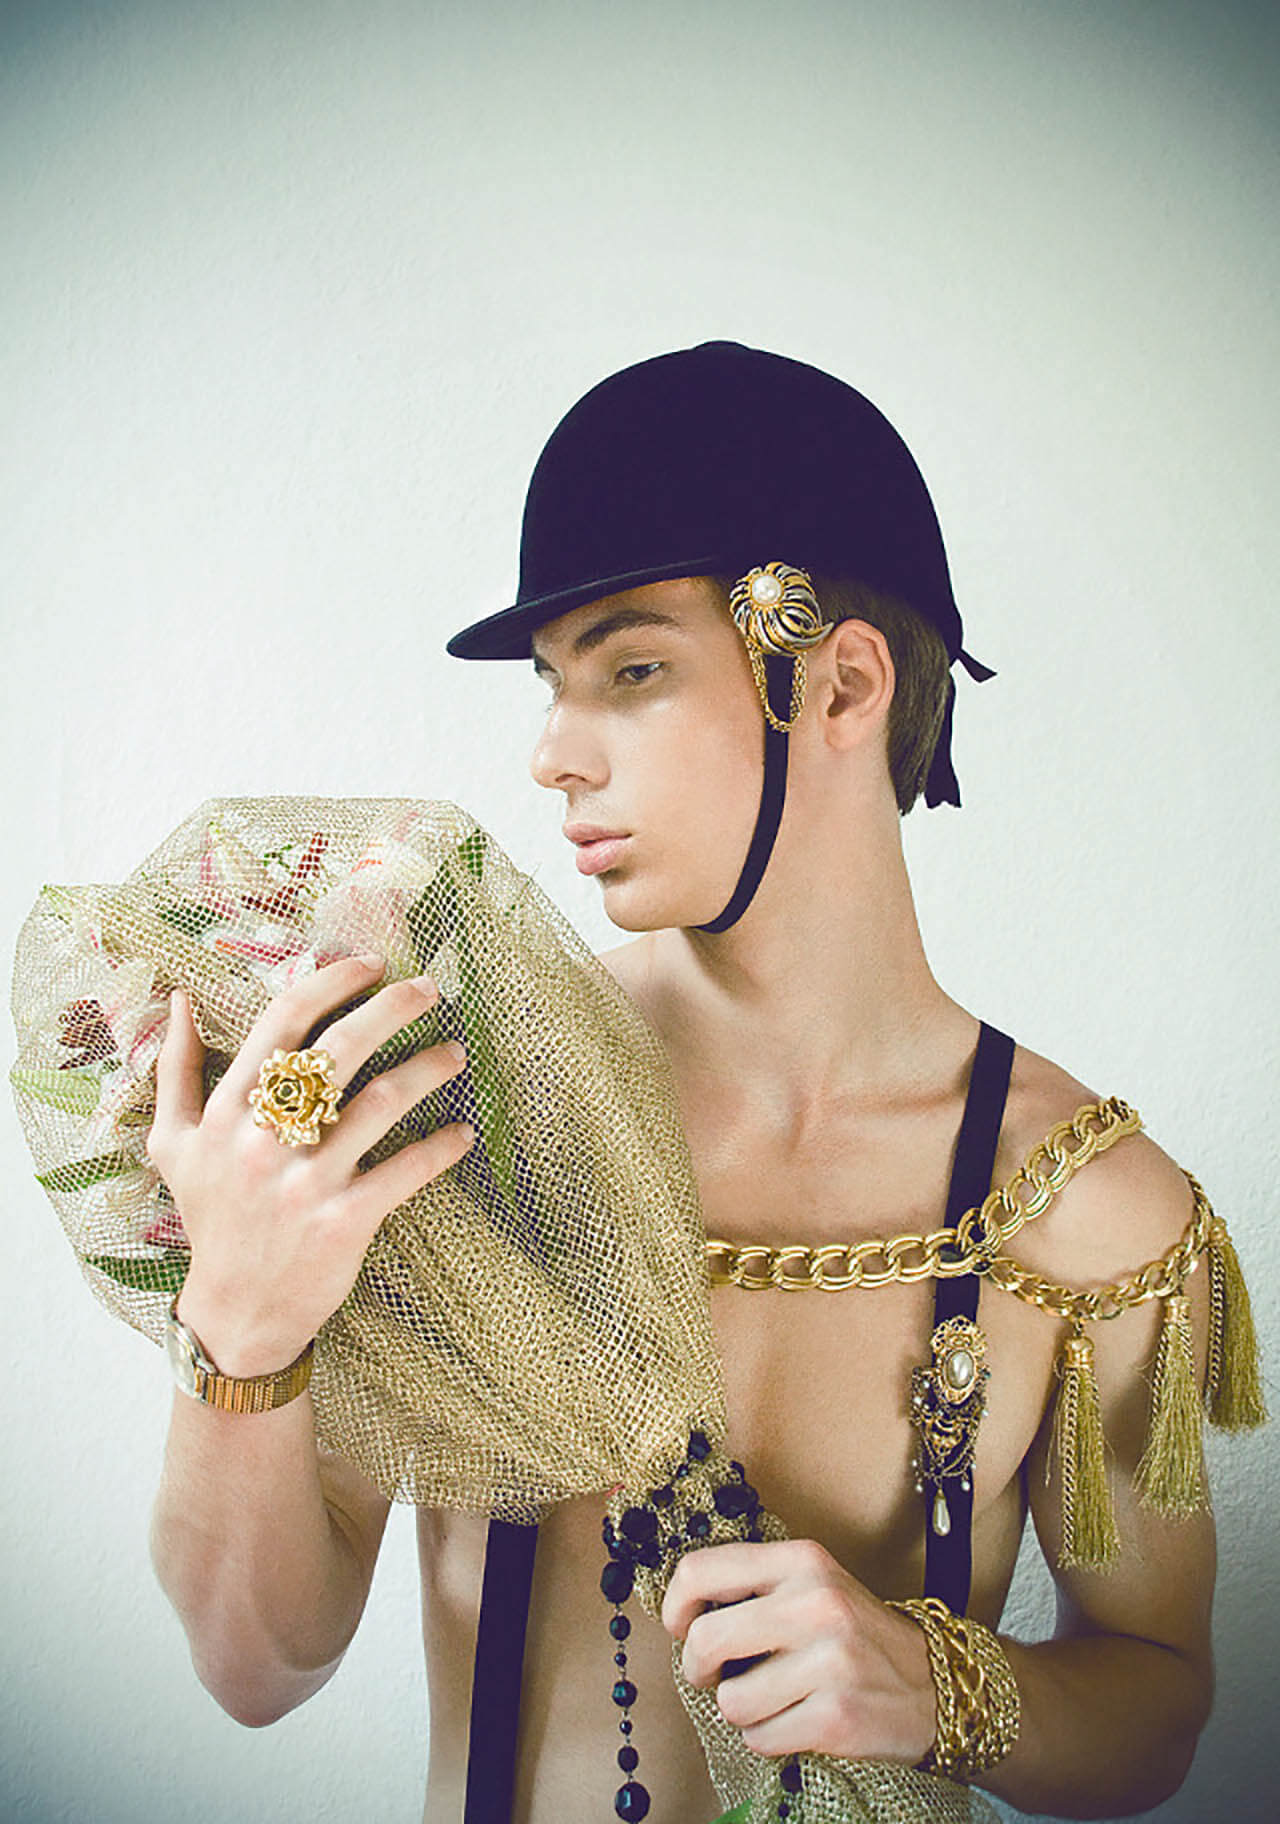 SusiLoos_Fotografie_Golden Boy – Lars Weber 01